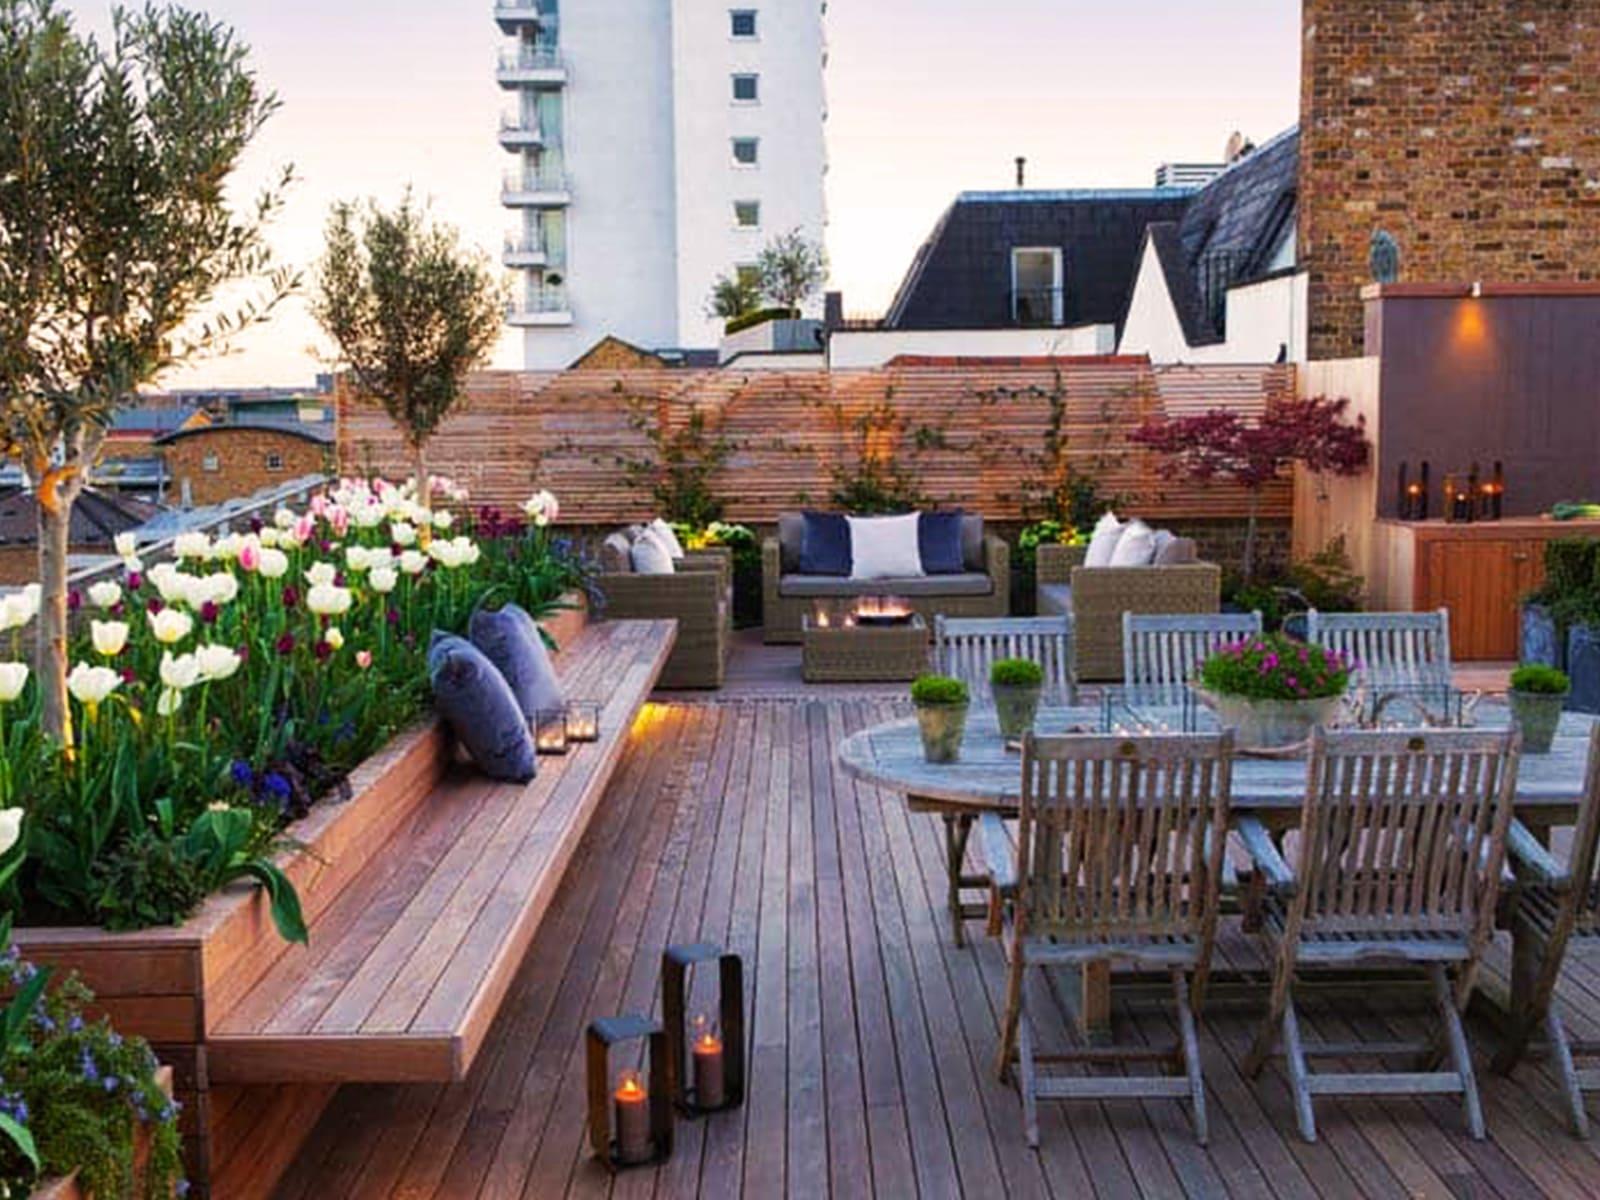 blog-vegetacion-decoracion-terrazas-balcones-17_HIDROJARDIN-Bañeres